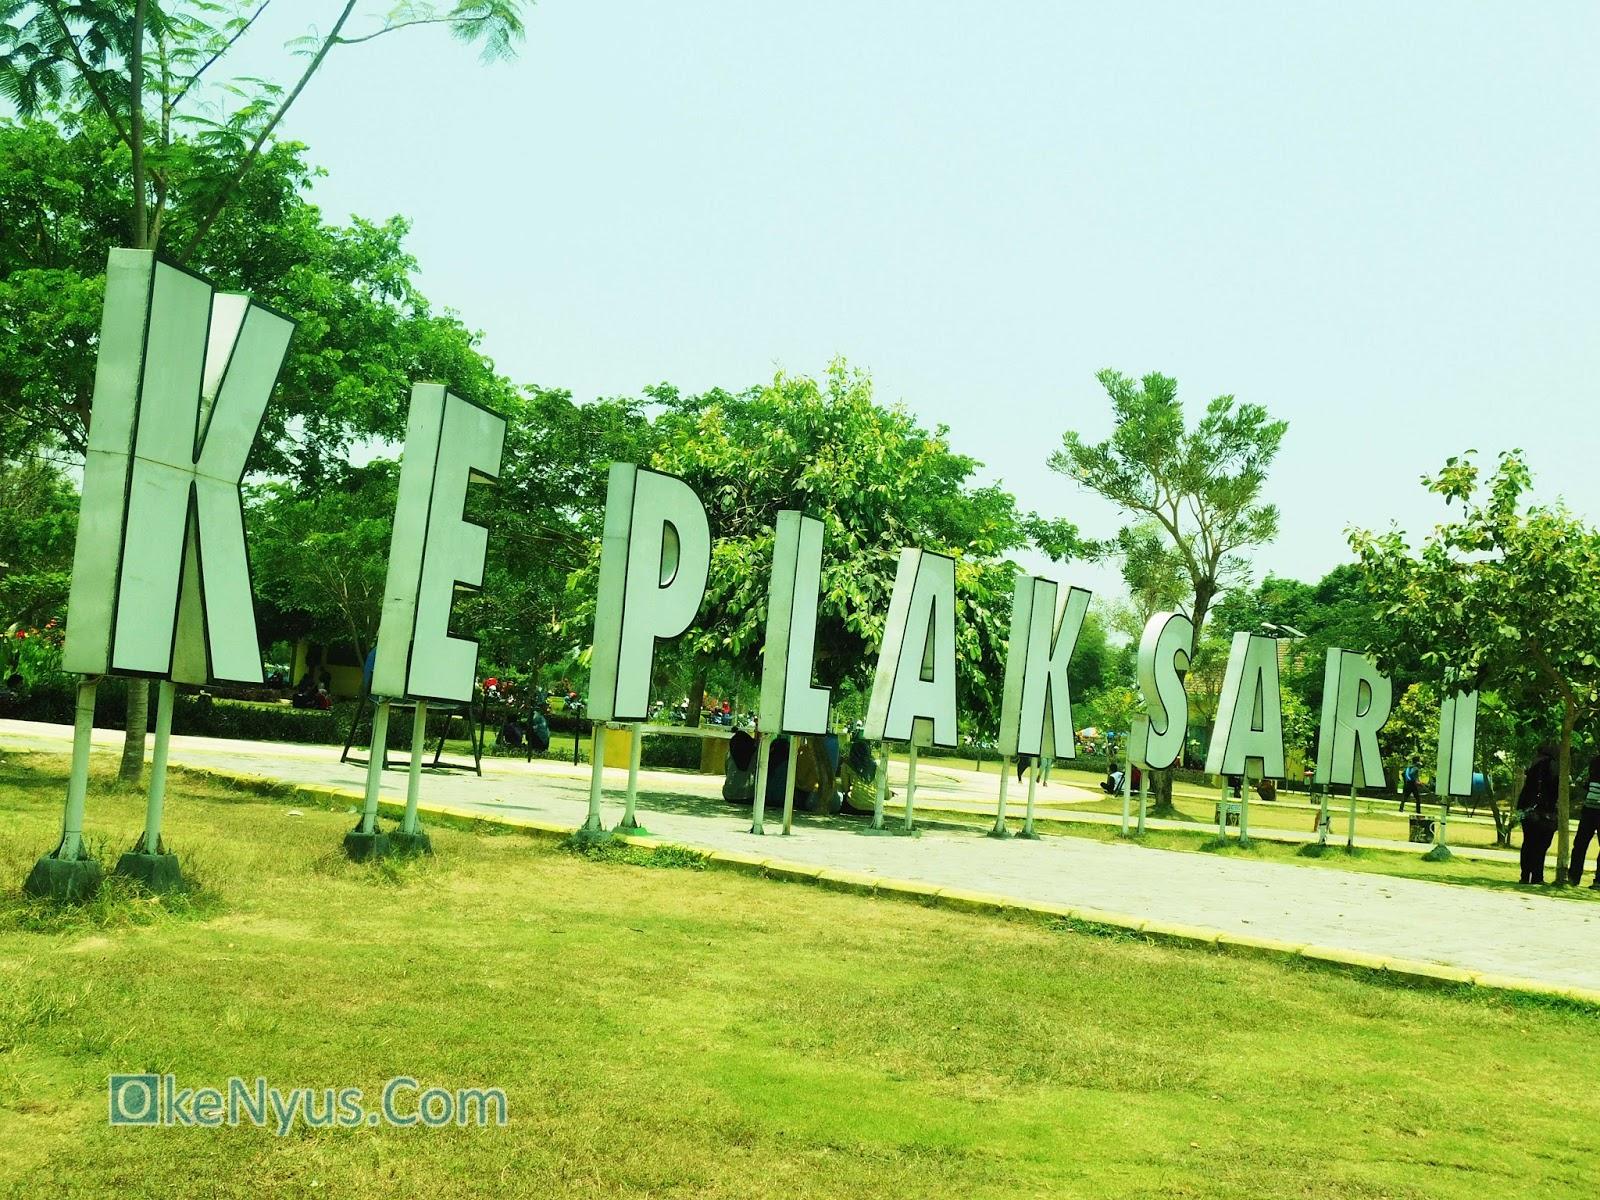 Vindiseptian 20 10 Tempat Wisata Jombang Dikunjungi Keplaksari Jpg Taman